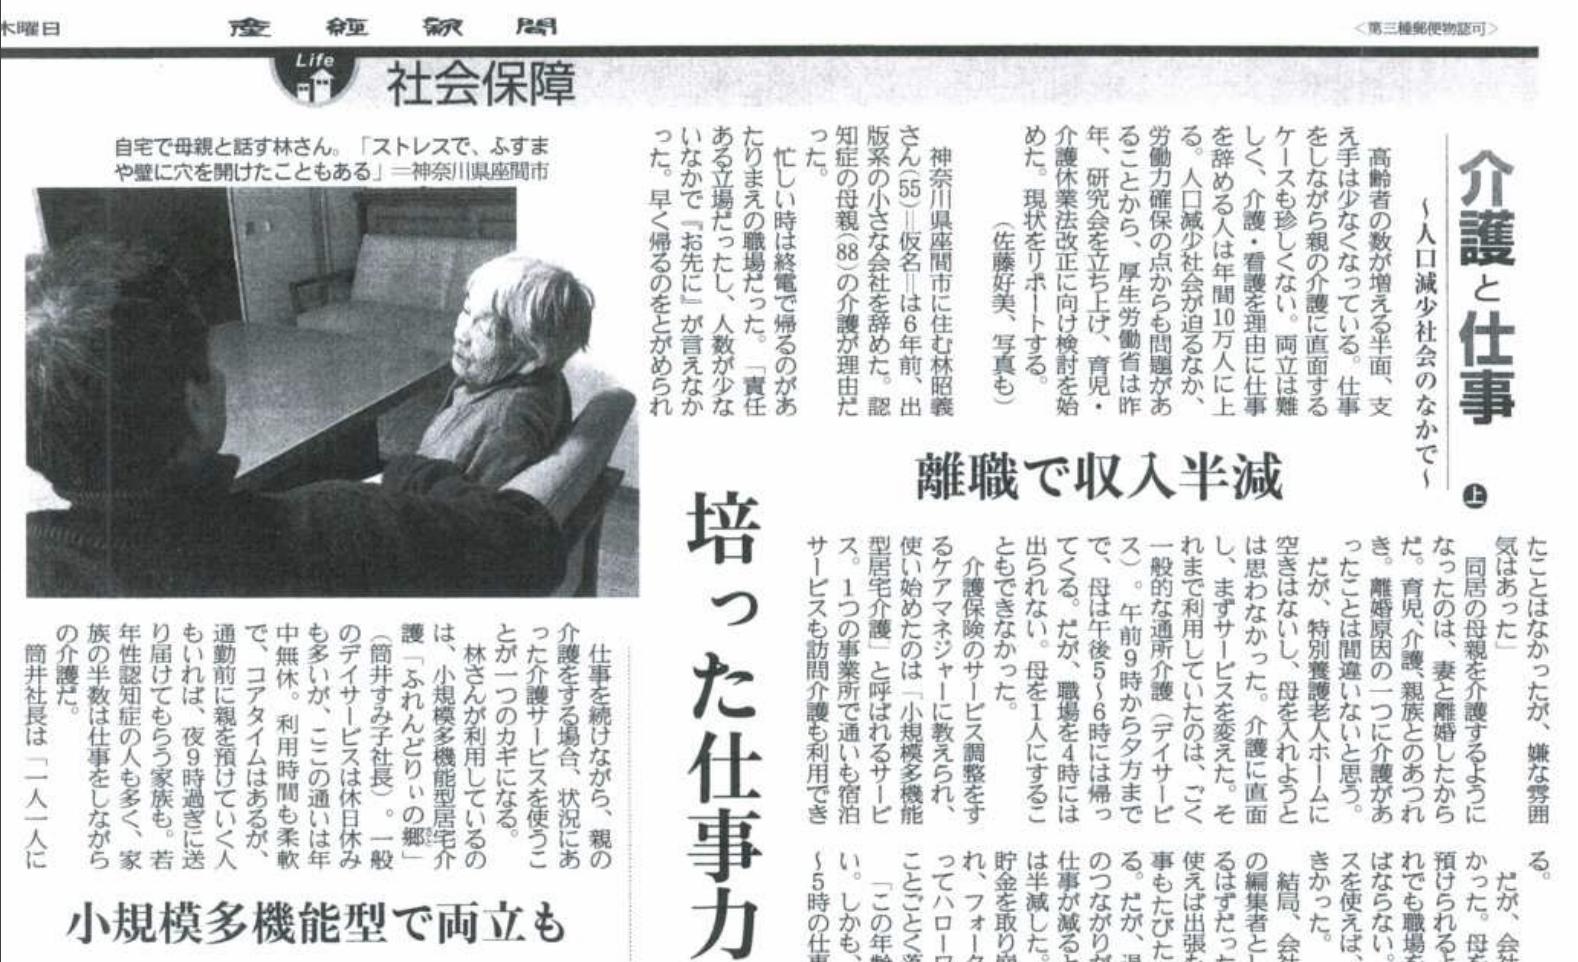 産経新聞『介護と仕事~培った仕事力で環境整備を~』